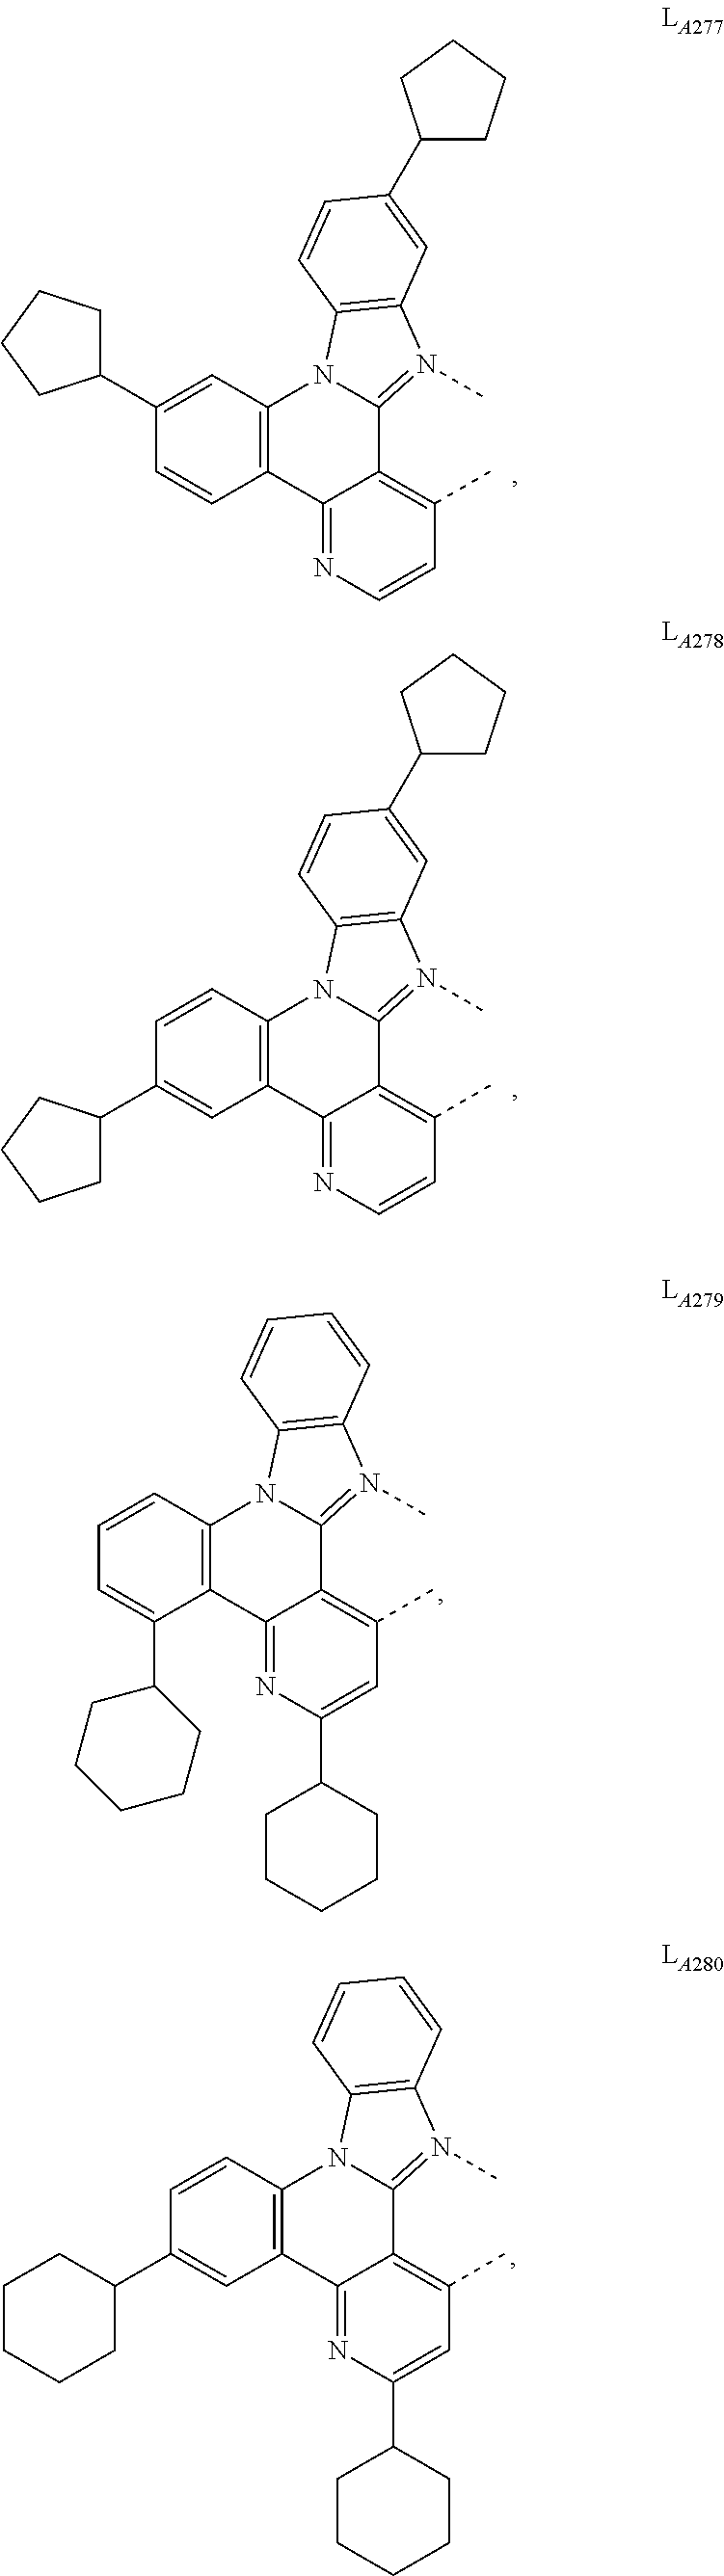 Figure US09905785-20180227-C00484